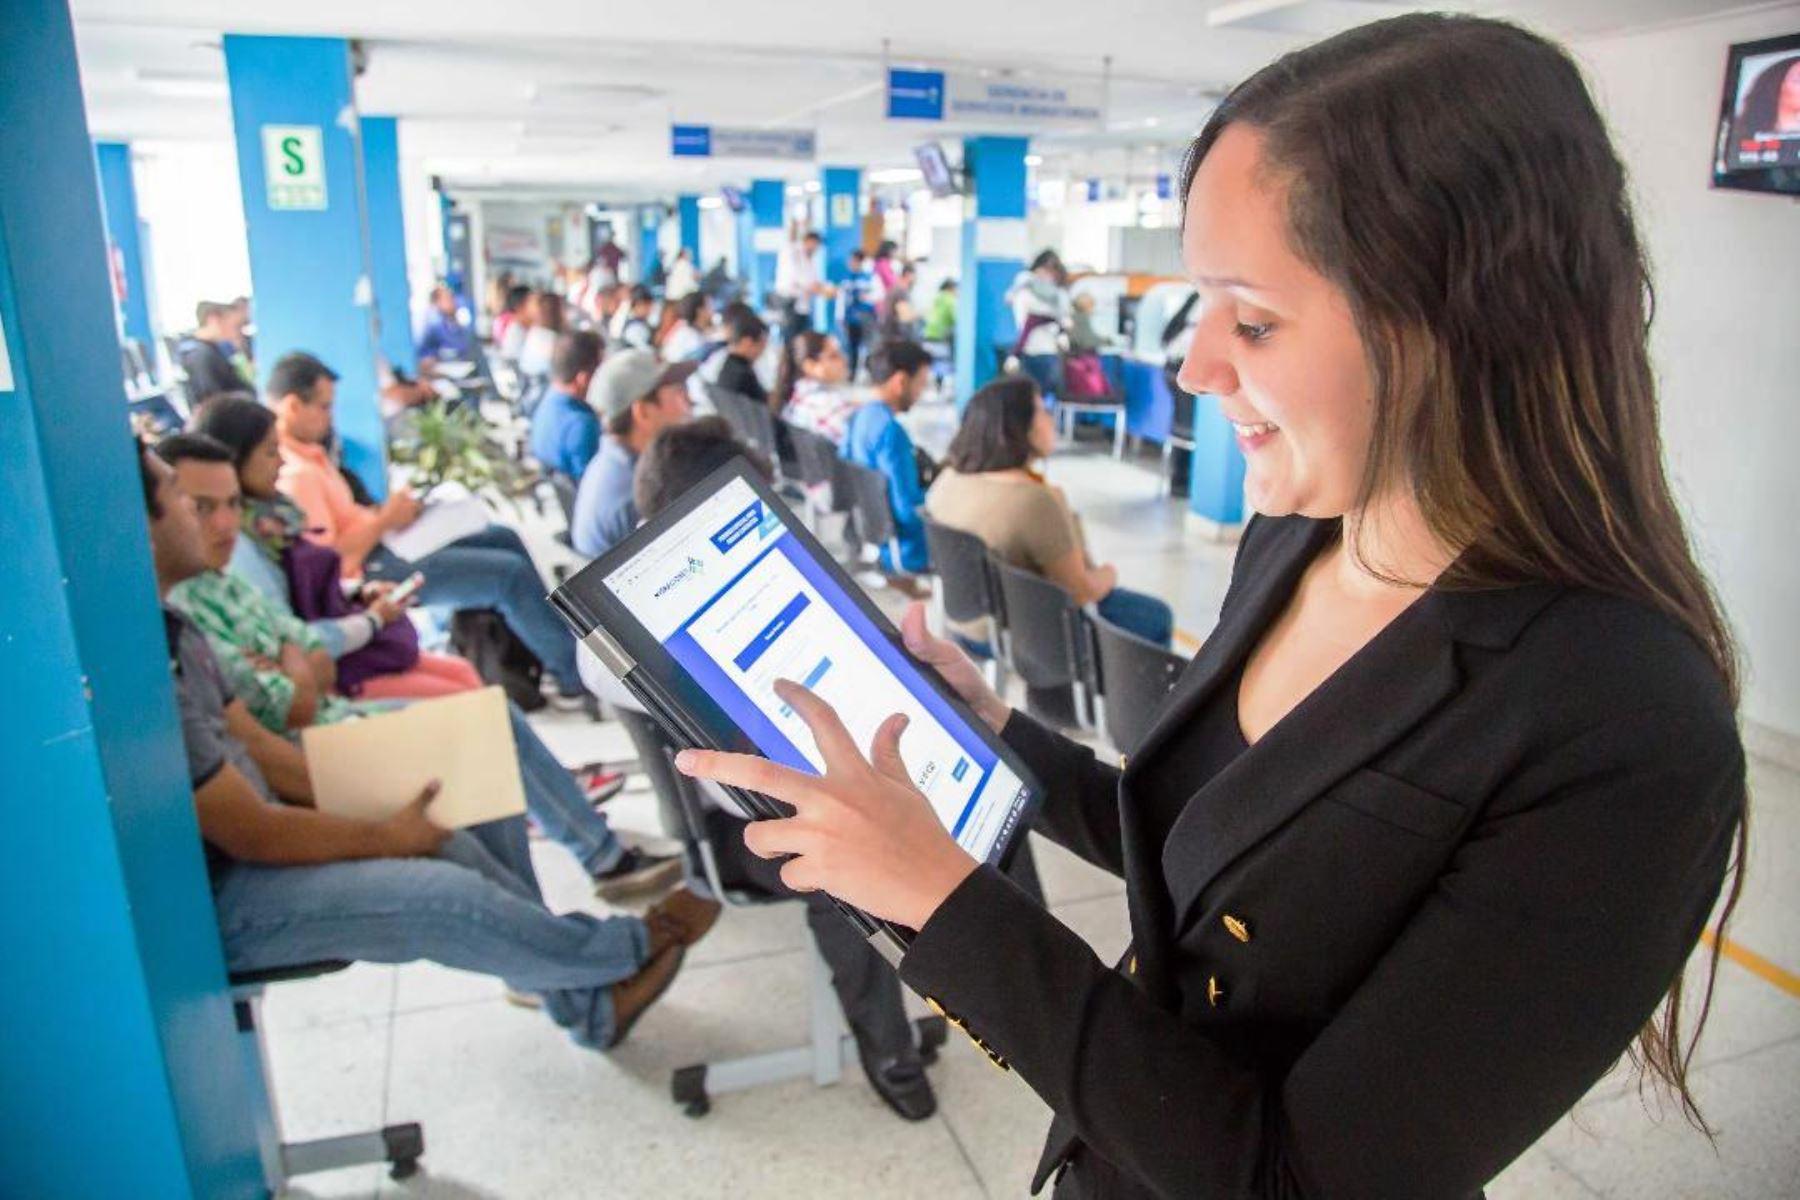 Migraciones: 275 mil extranjeros realizaron trámites a través de Internet. Foto: ANDINA/Difusión.